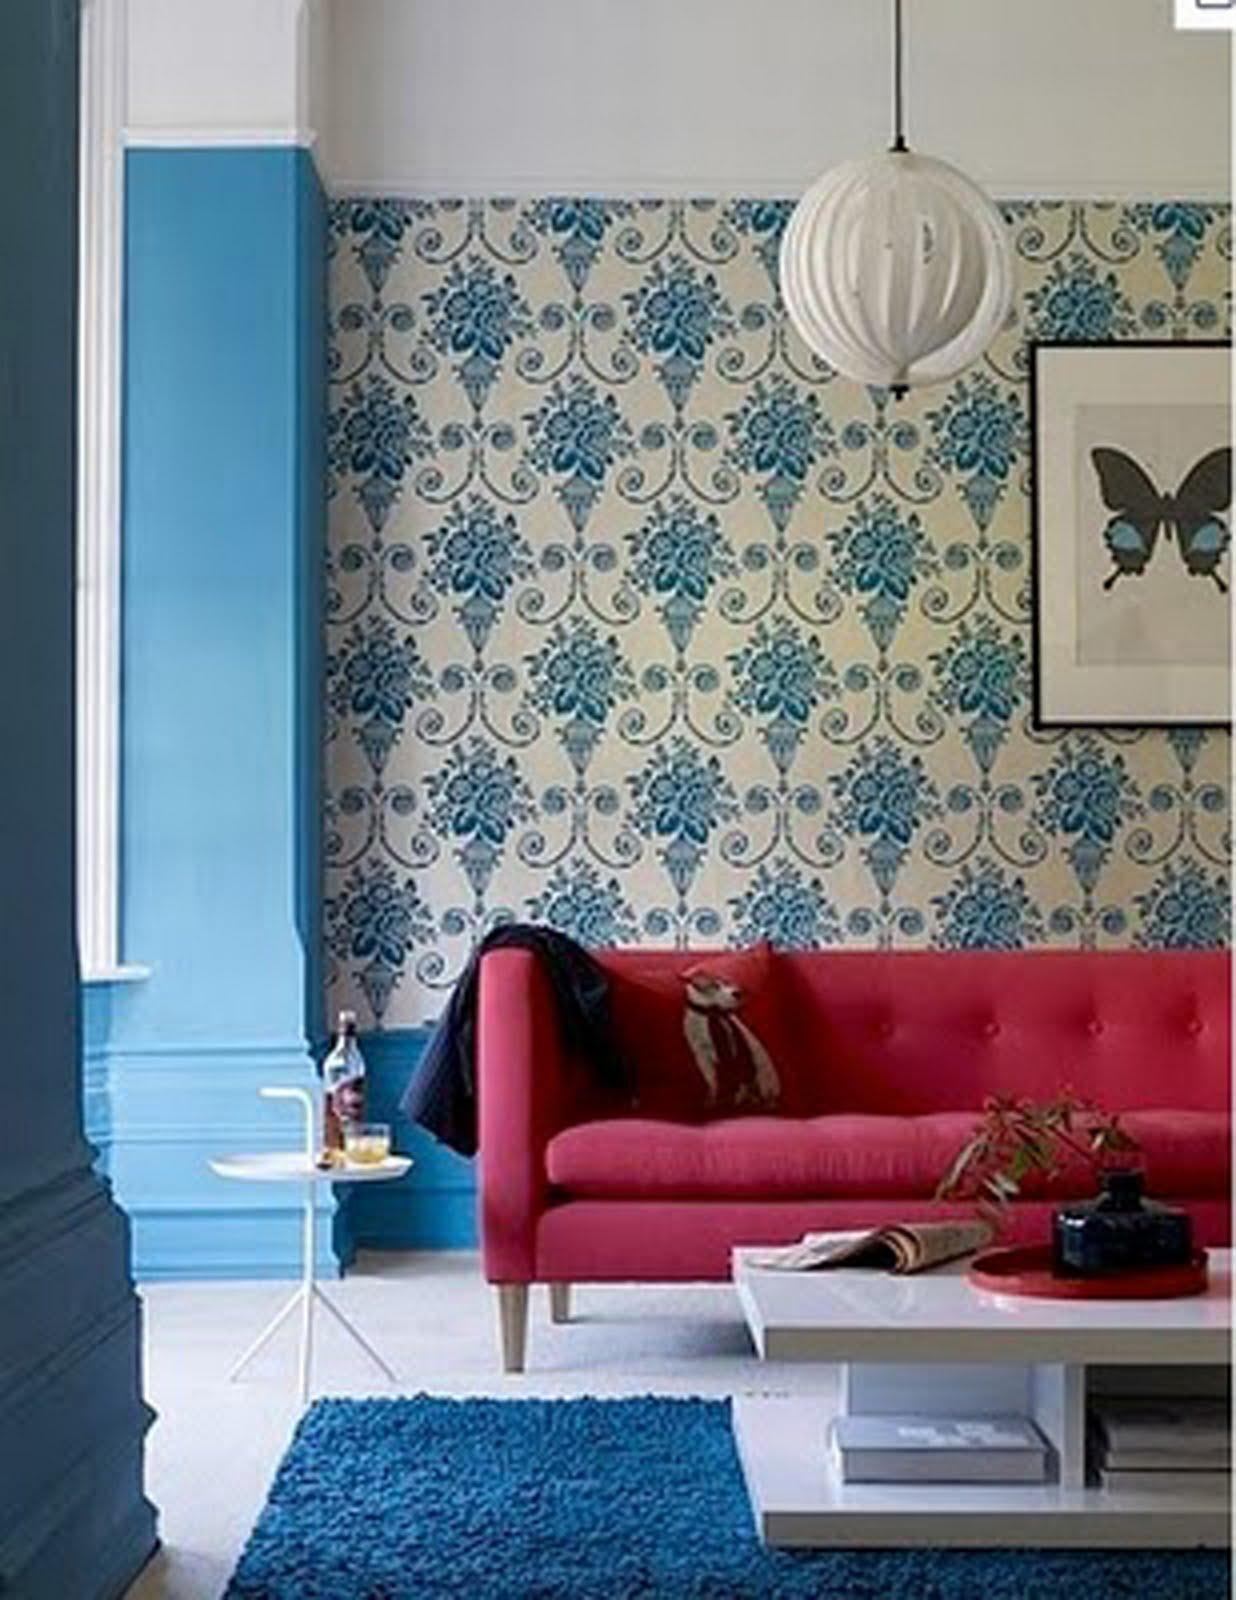 http://3.bp.blogspot.com/-L4ZSKj-bq6s/TegdQG8NsnI/AAAAAAAAAB8/38biFj79a3Y/s1600/blue+wallpaper1.jpg